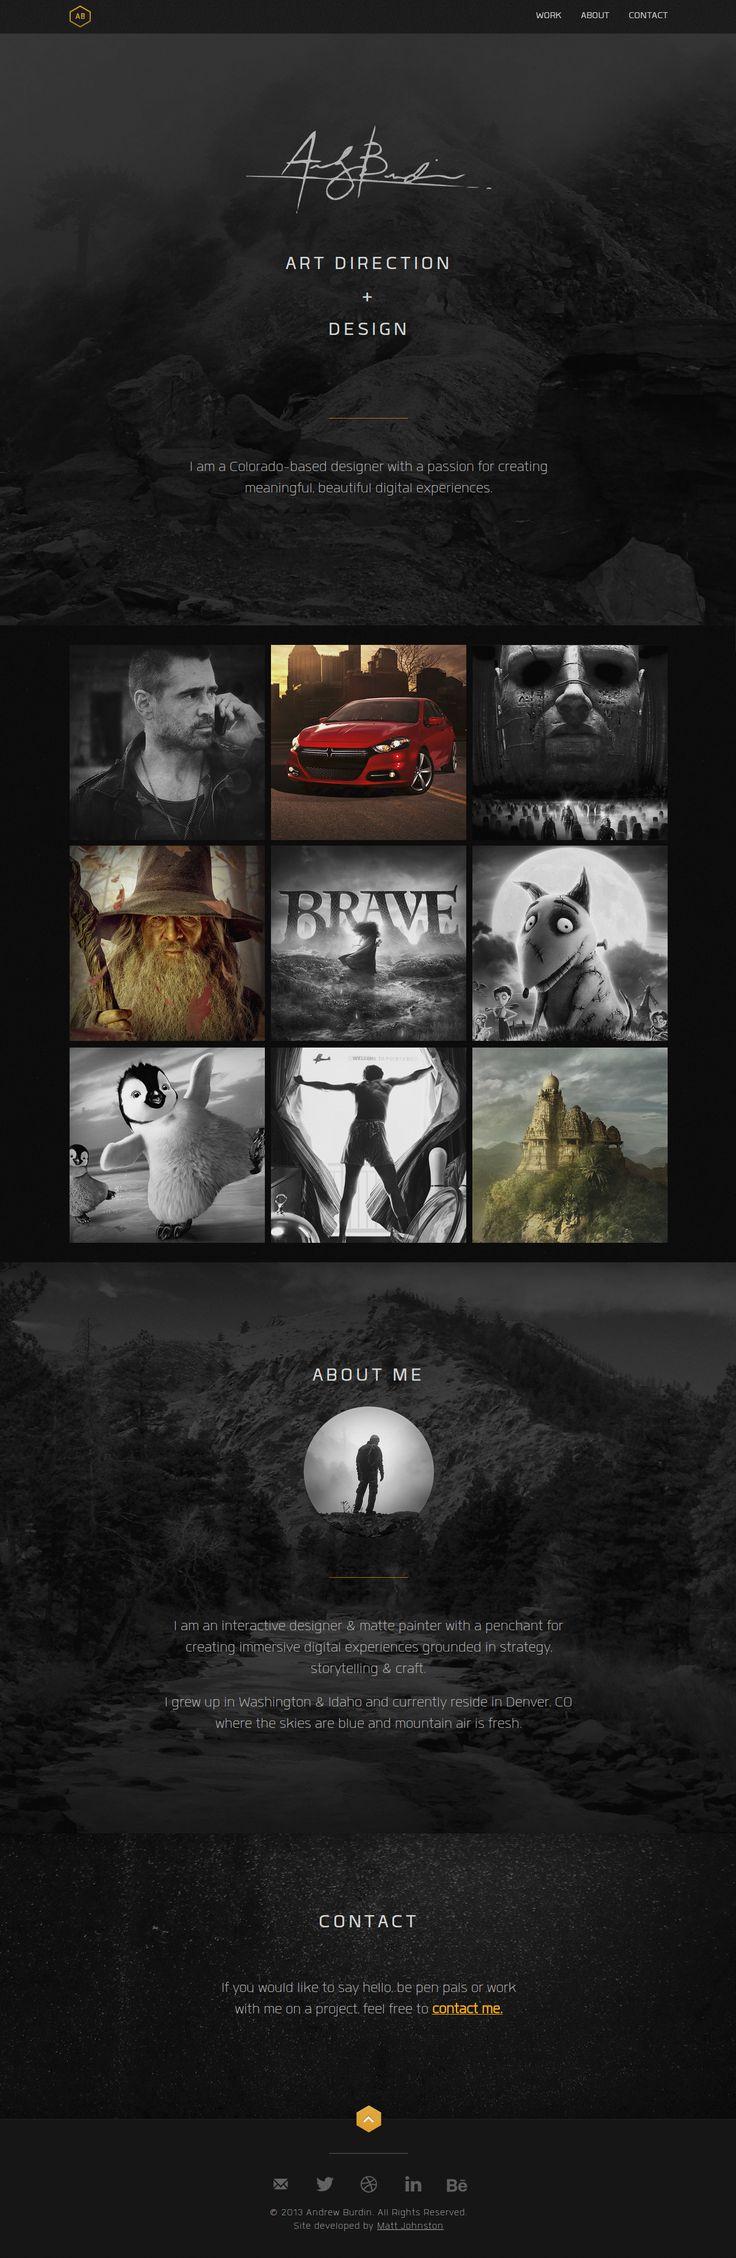 Andrew Burdin. Cool and simple portfolio site. #webdesign #design #portfolio